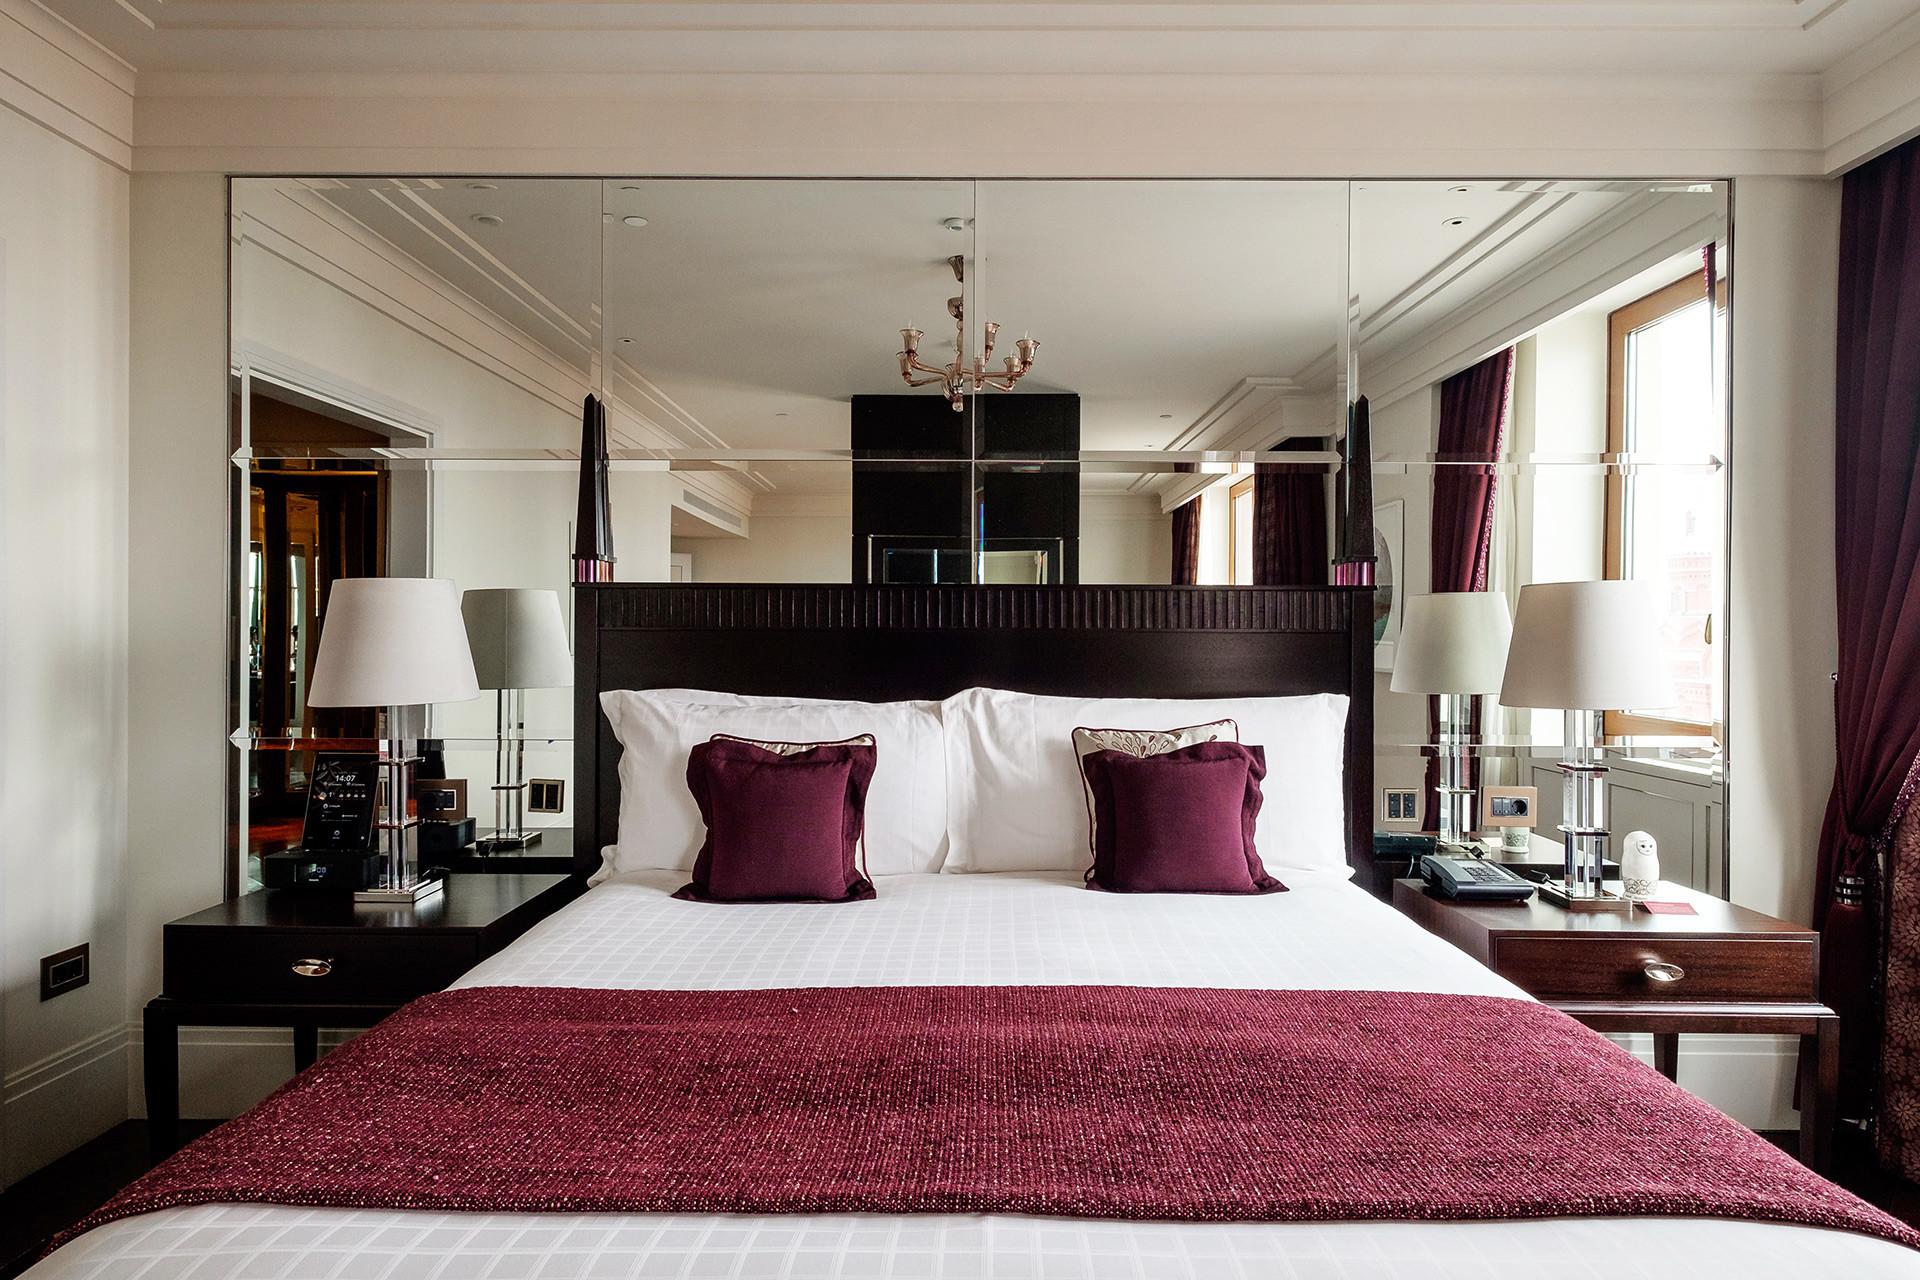 フォーシーズンズホテルの部屋。